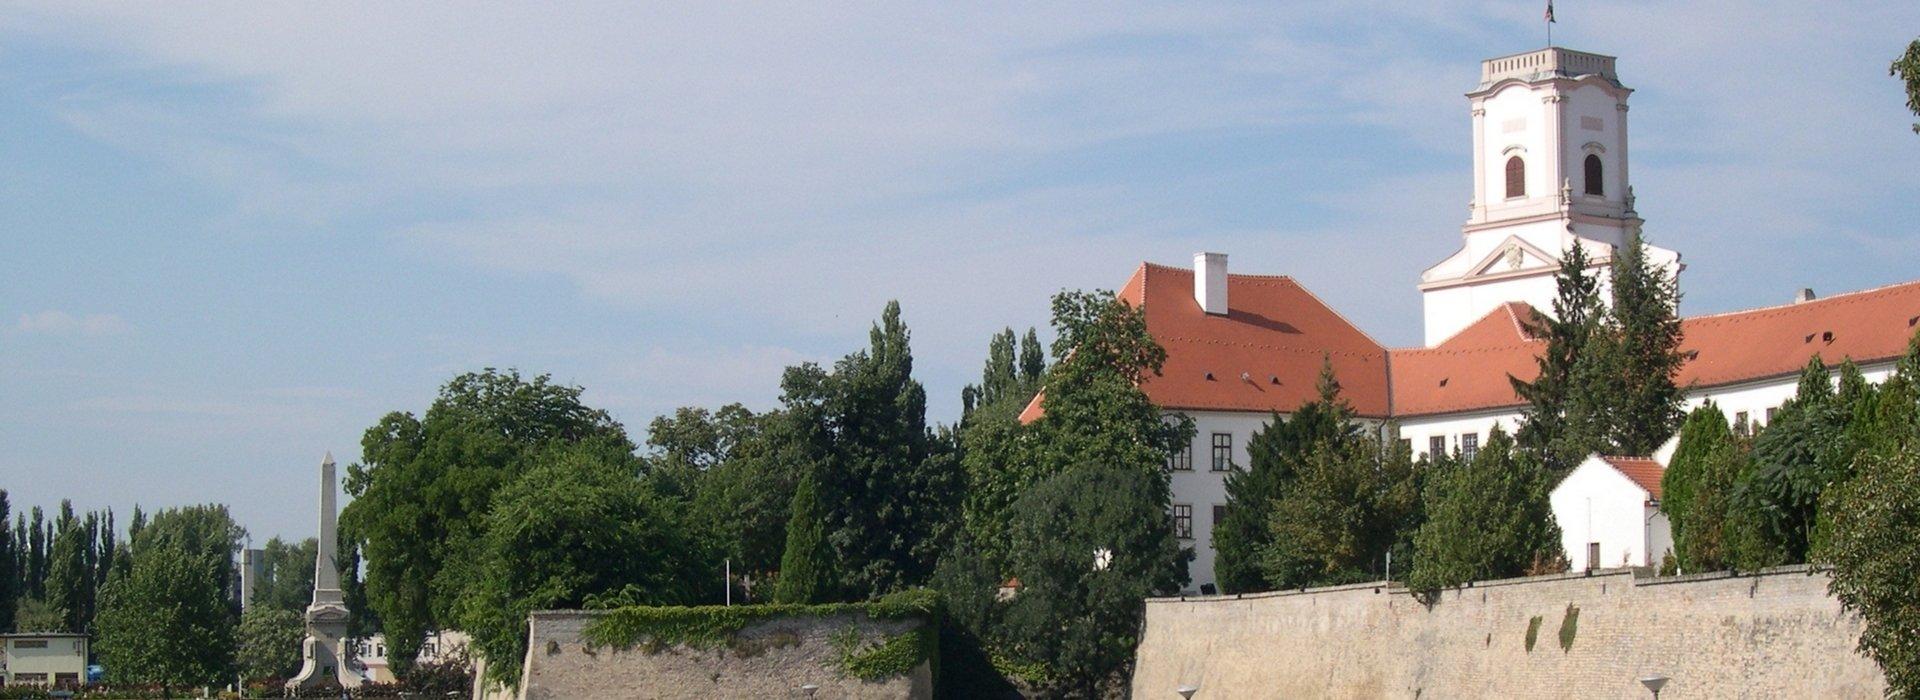 Győr Bilder